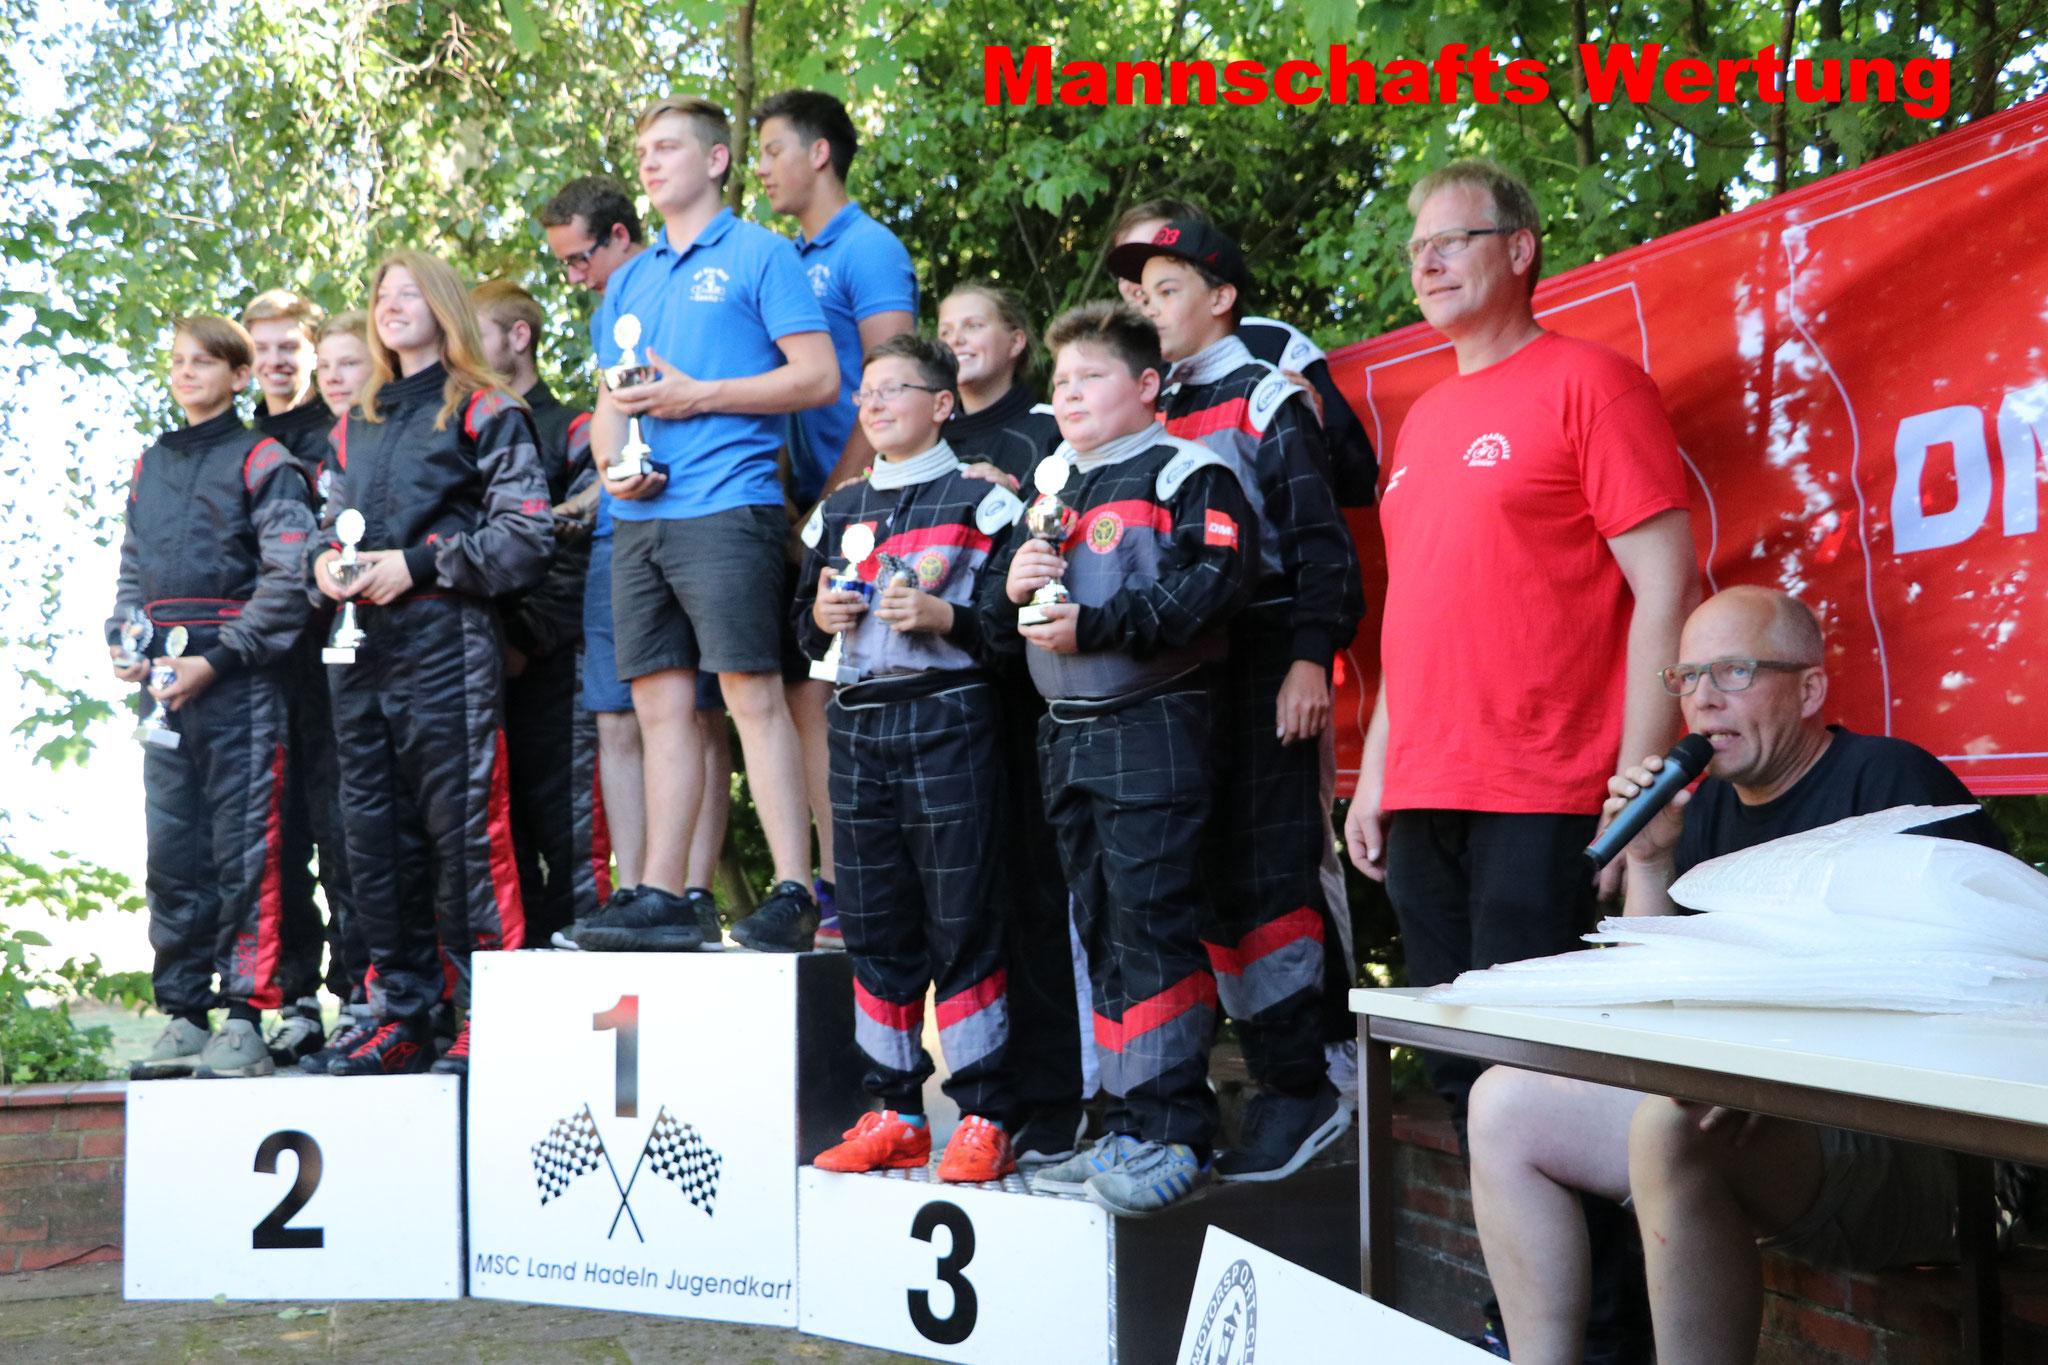 Die Fahrer vom MSC Land Hadeln 1 wurden Norddeutsche Vizemeister